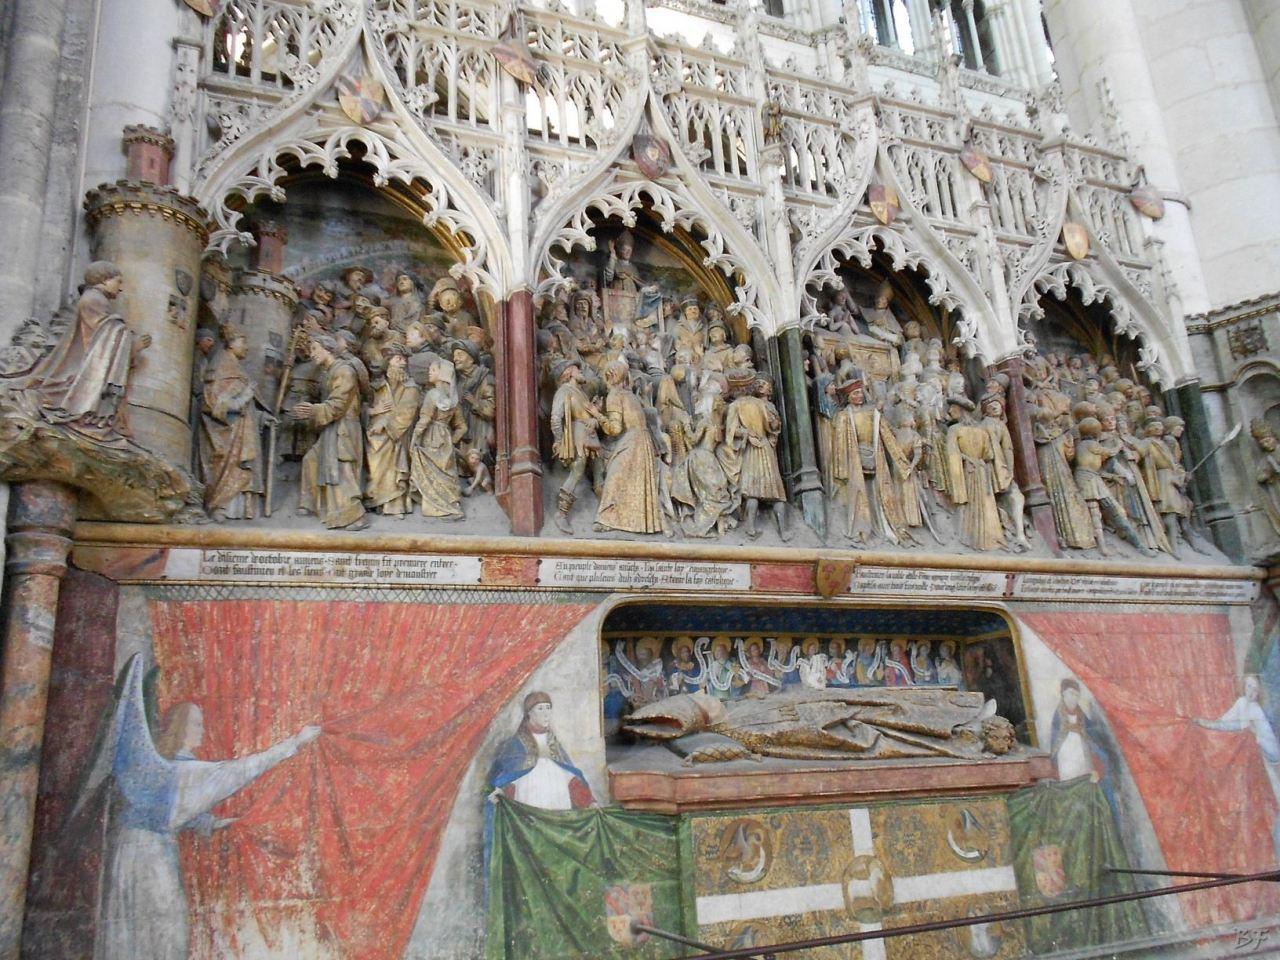 Cattedrale-Gotica-della-Vergine-di-Amiens-Somme-Hauts-de-France-15